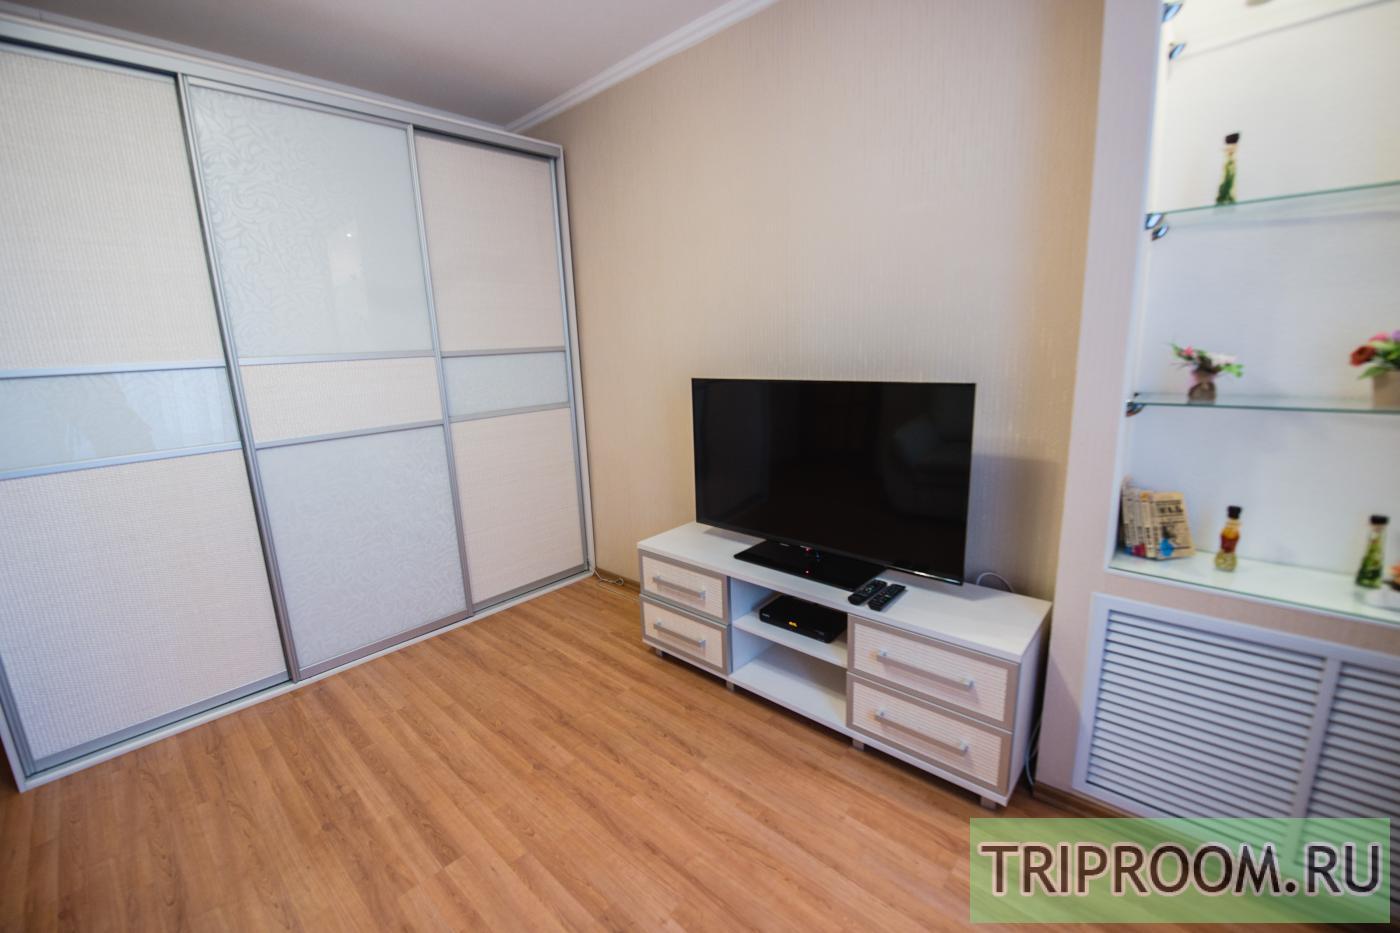 2-комнатная квартира посуточно (вариант № 14781), ул. Твардовского улица, фото № 3